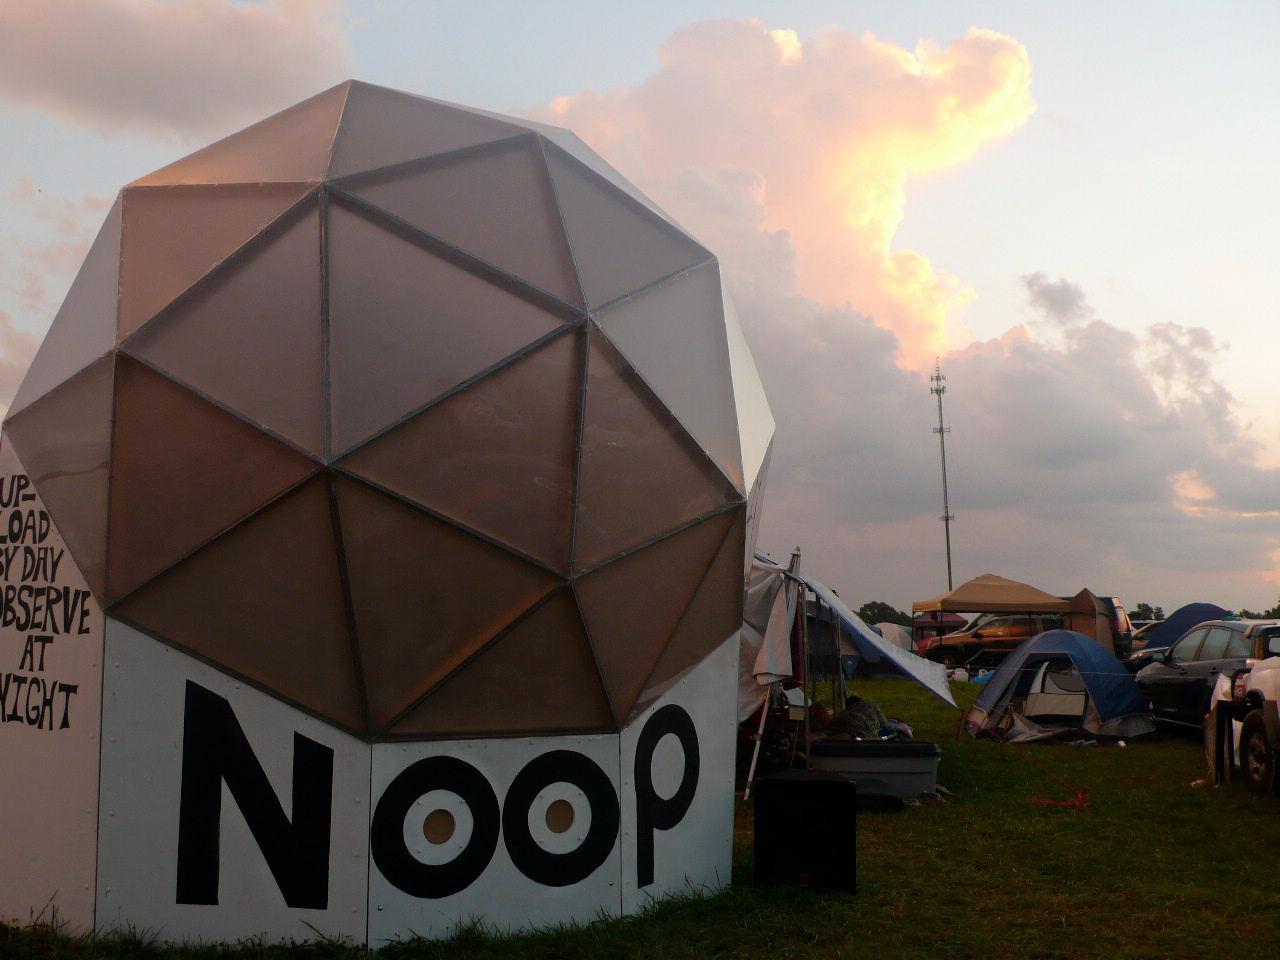 NOOP- evening